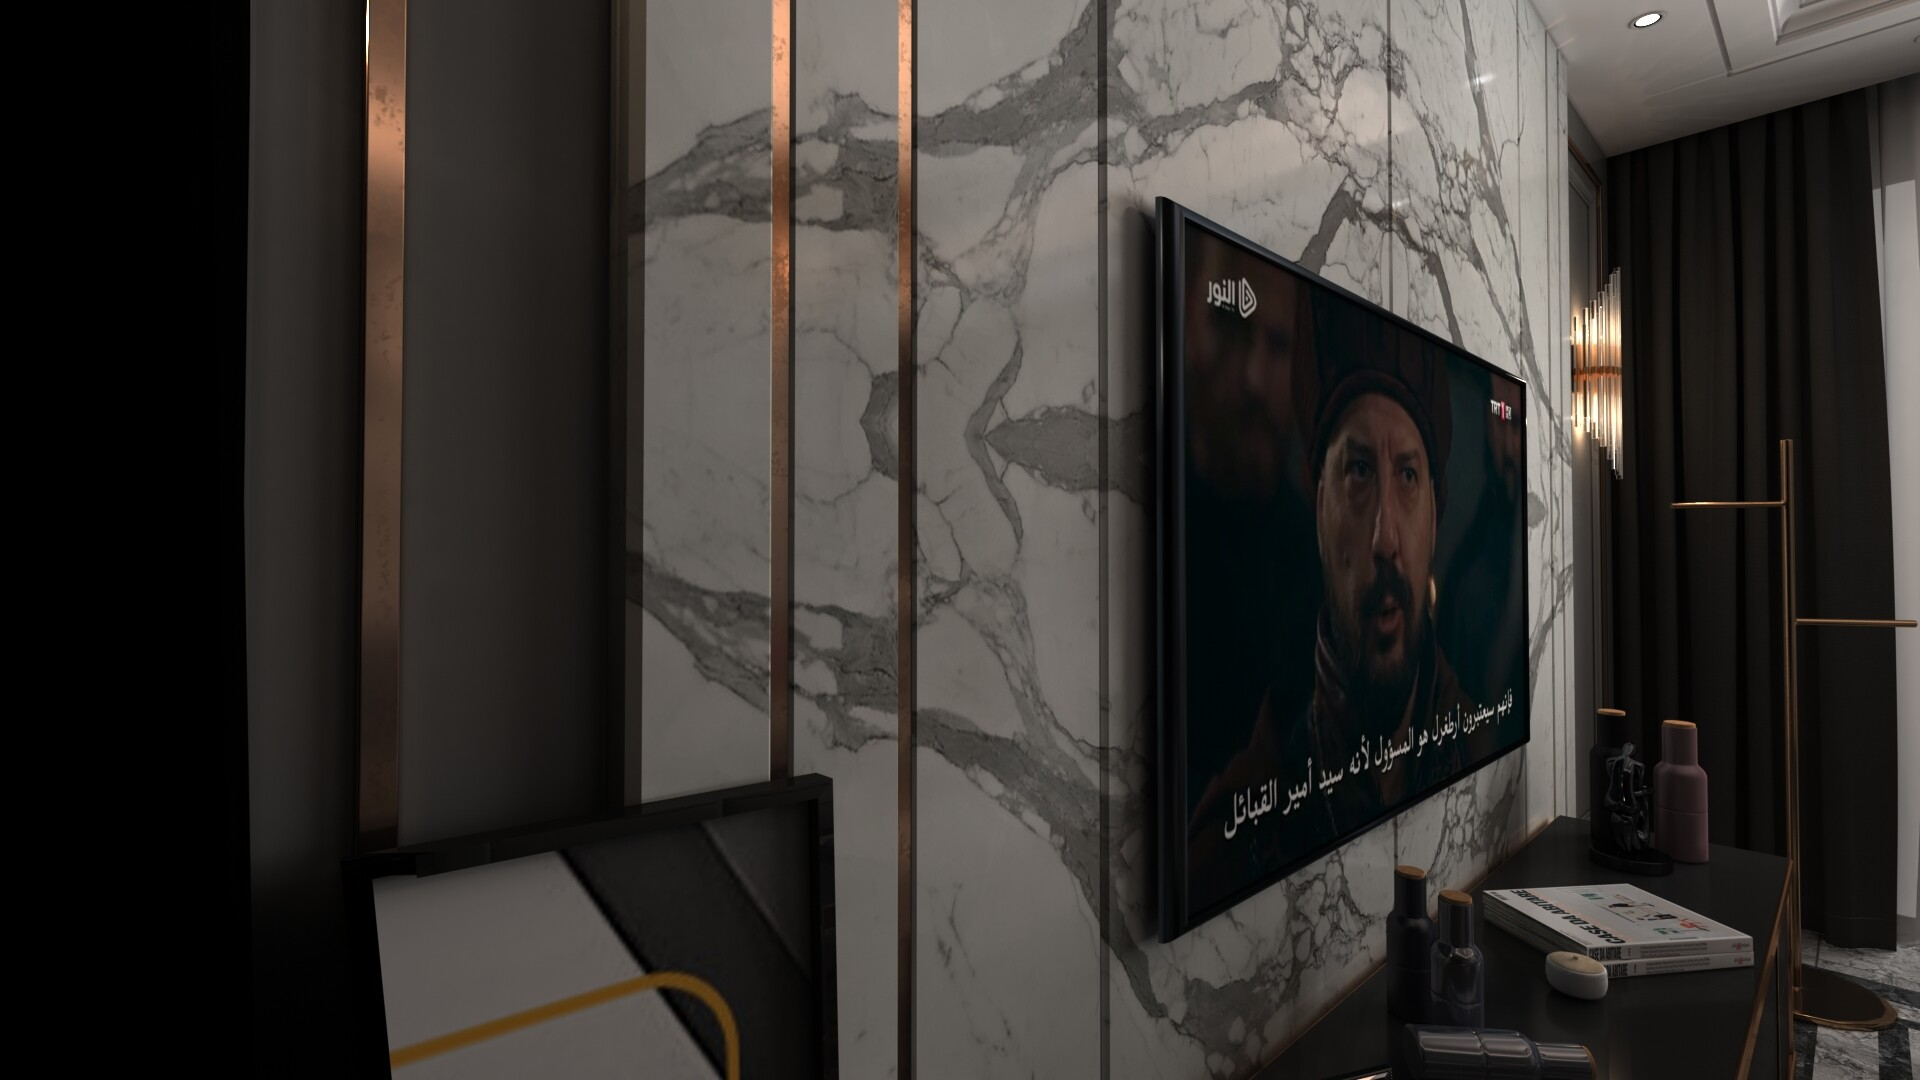 تصميم خلفيات التلفزيون